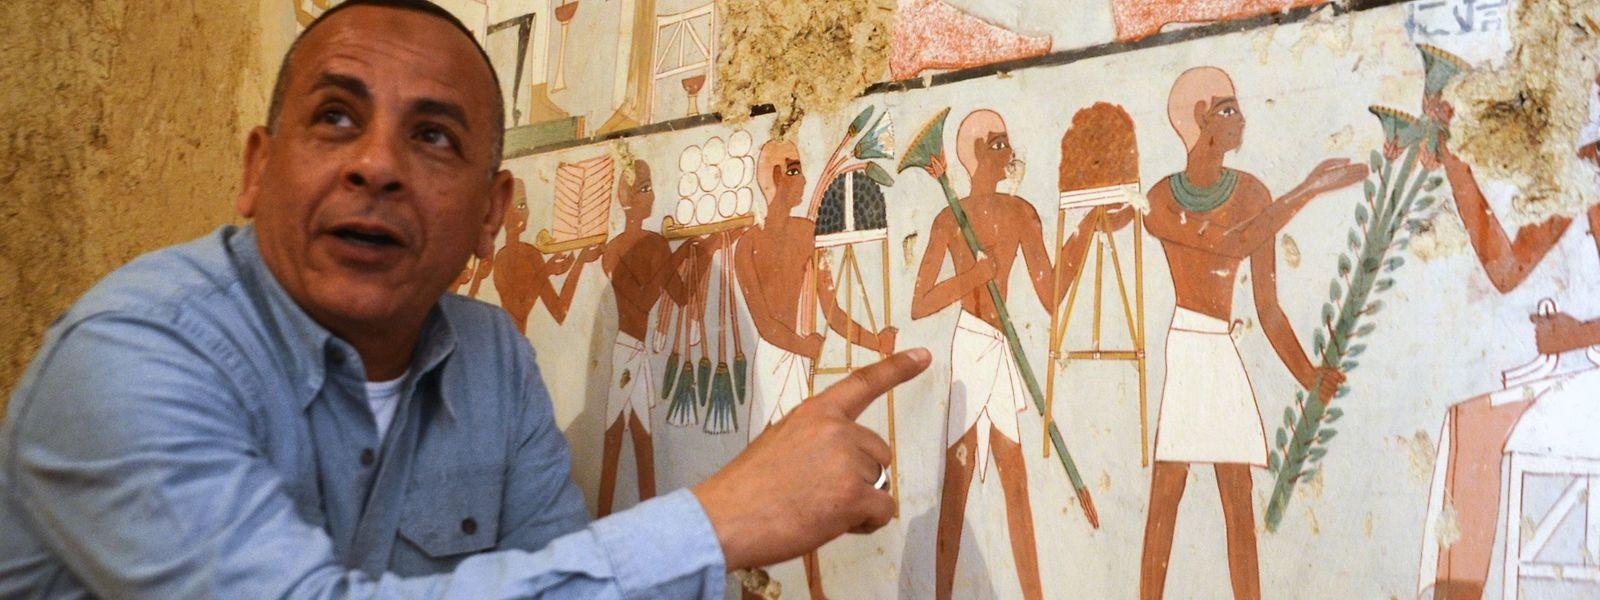 Mustafa al-Waziri, der Direktor der antiken Stätten in Luxor, vor einer neu entdeckten Wandmalerei.